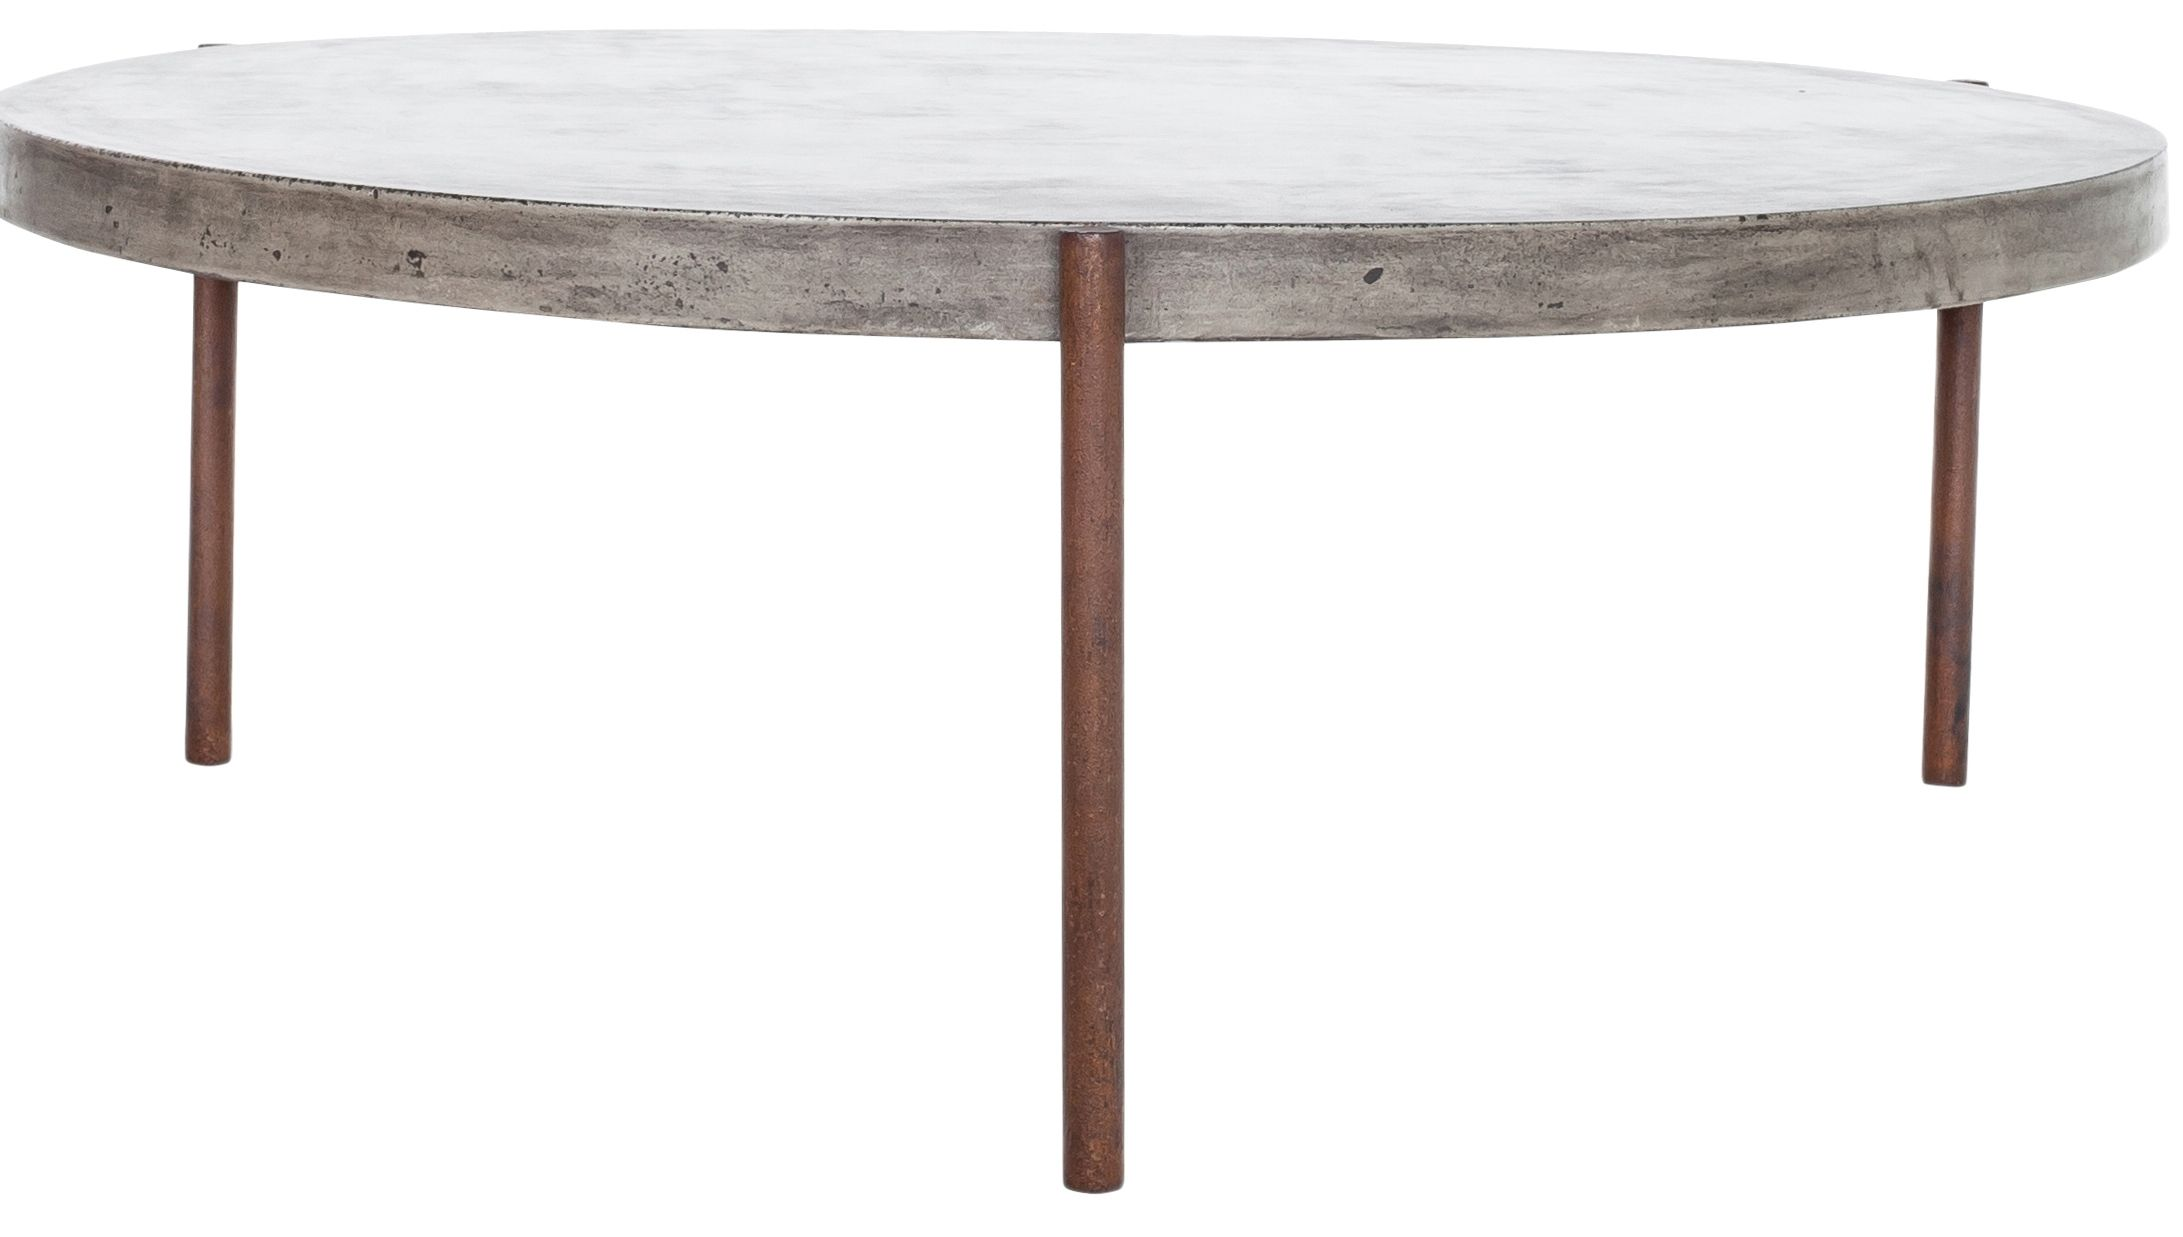 Harrison Indoor Outdoor Round Coffee Table Coffee Table Round Coffee Table Outdoor Coffee Tables [ 1237 x 2183 Pixel ]